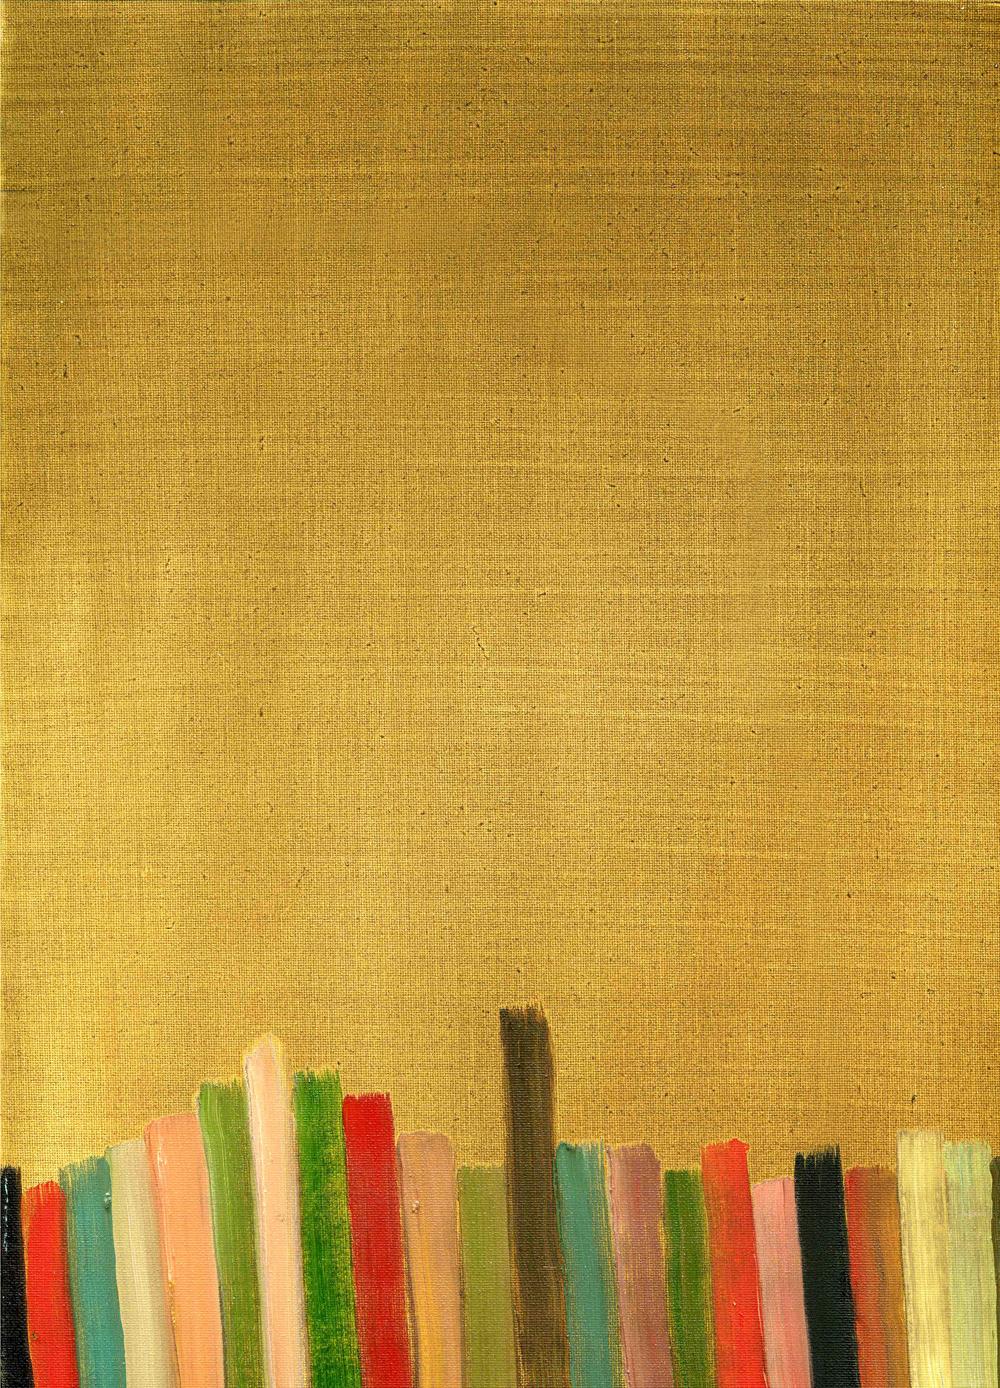 Plates, 2009, Oil on cotton, 35 x 25 cm